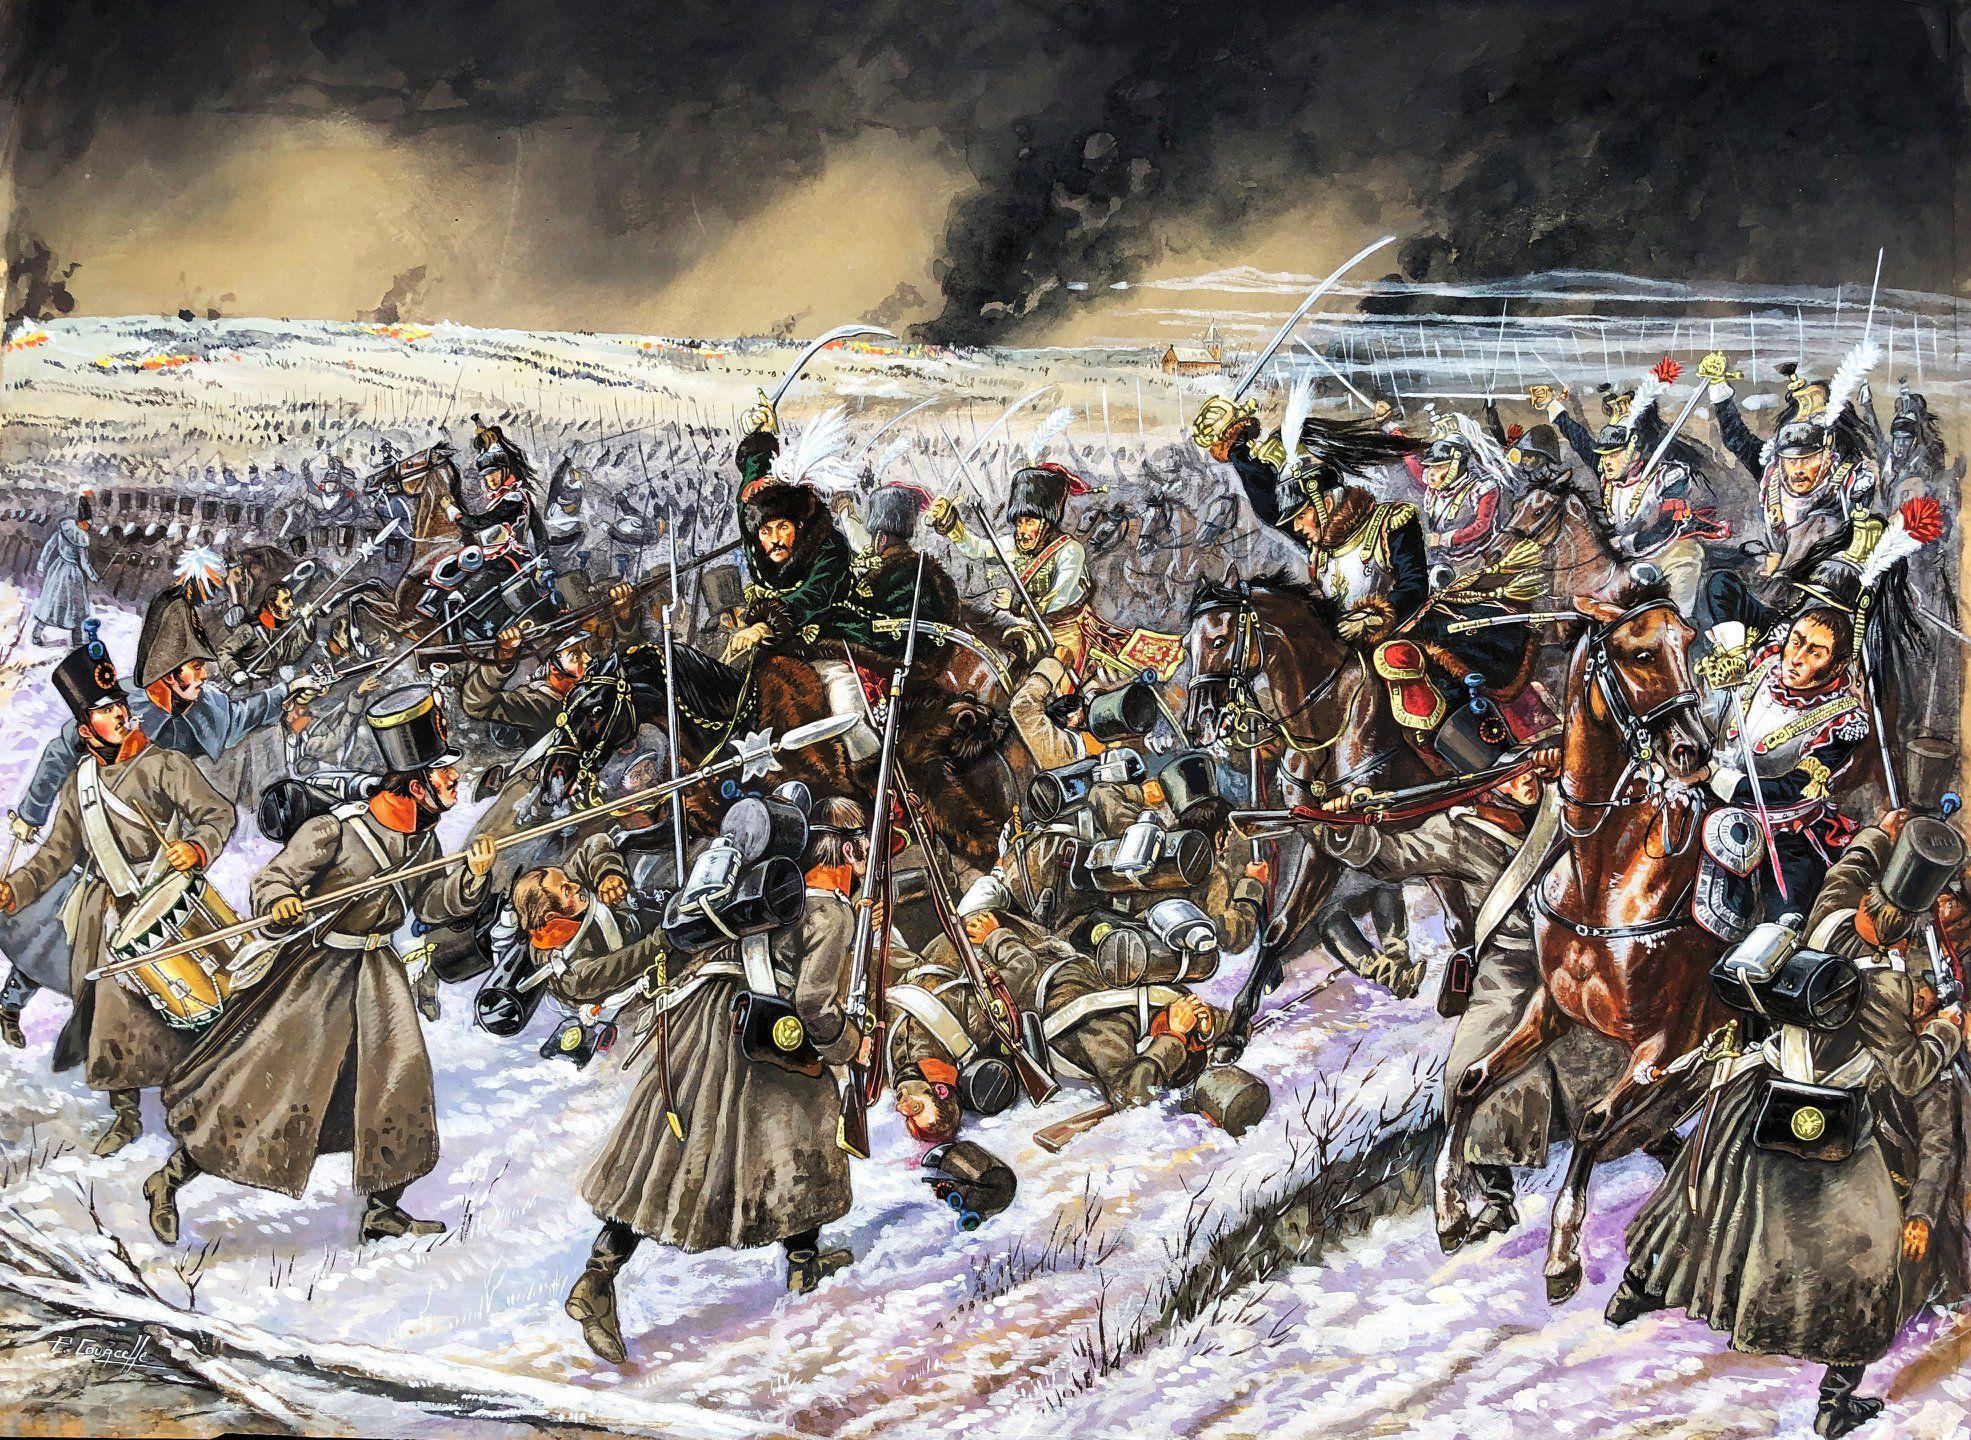 Murat Charge Avec La Cavalerie Francaise A Eylau Soit 12 000 Hommes L Une Des Plus Grandes Charges De Cavalerie De L Histo Histoire Empire Histoire De France